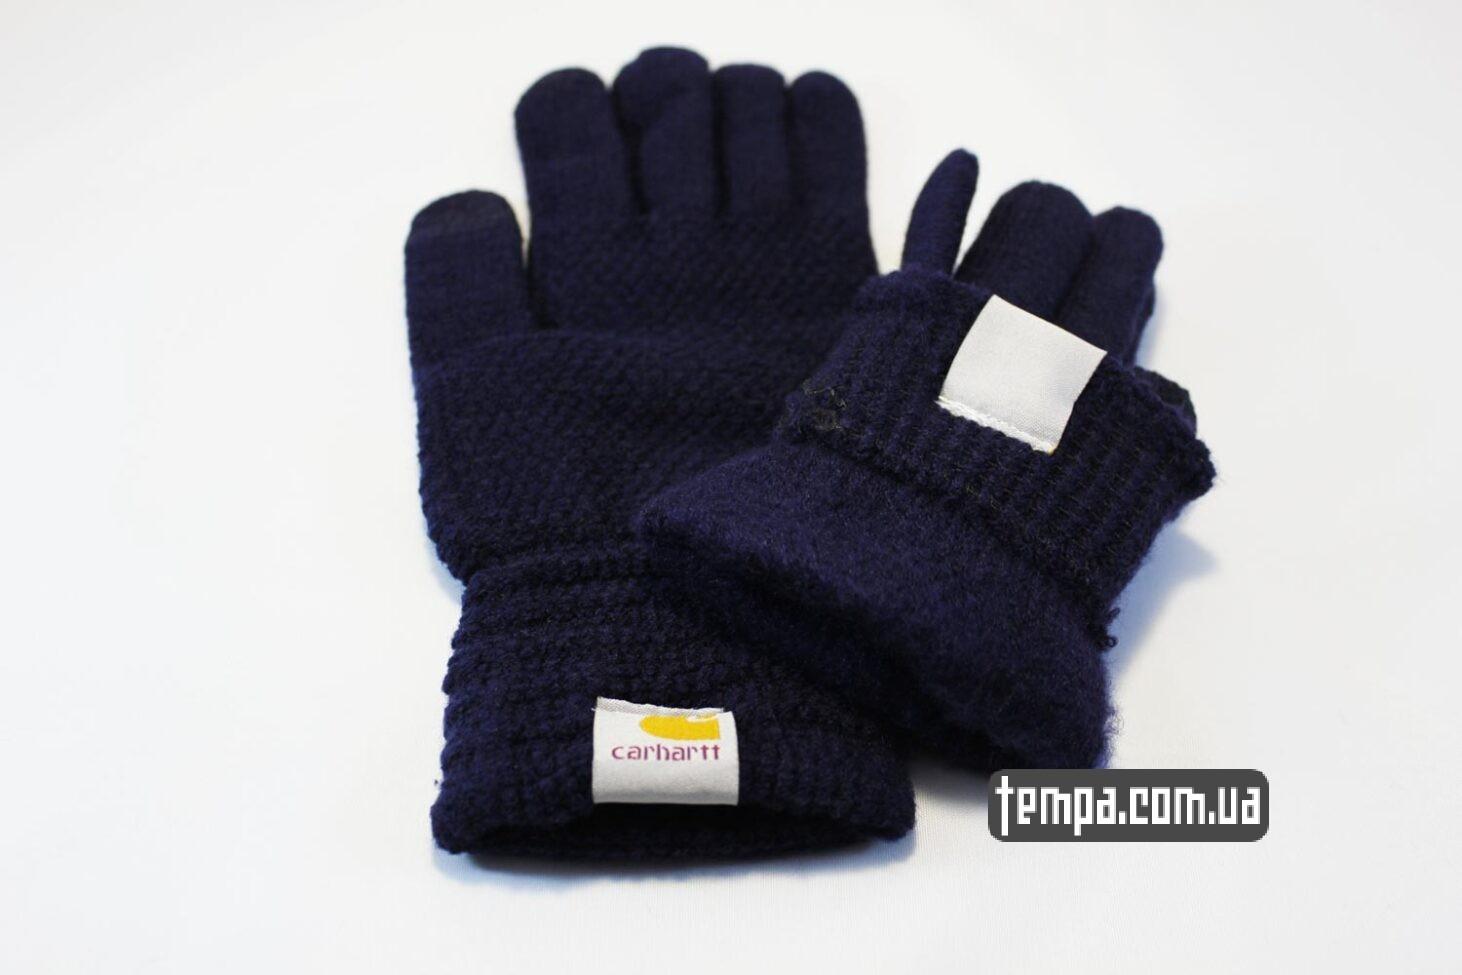 оригинальные Кархарт перчатки Carhartt синие для сенсорных мобильных экранов